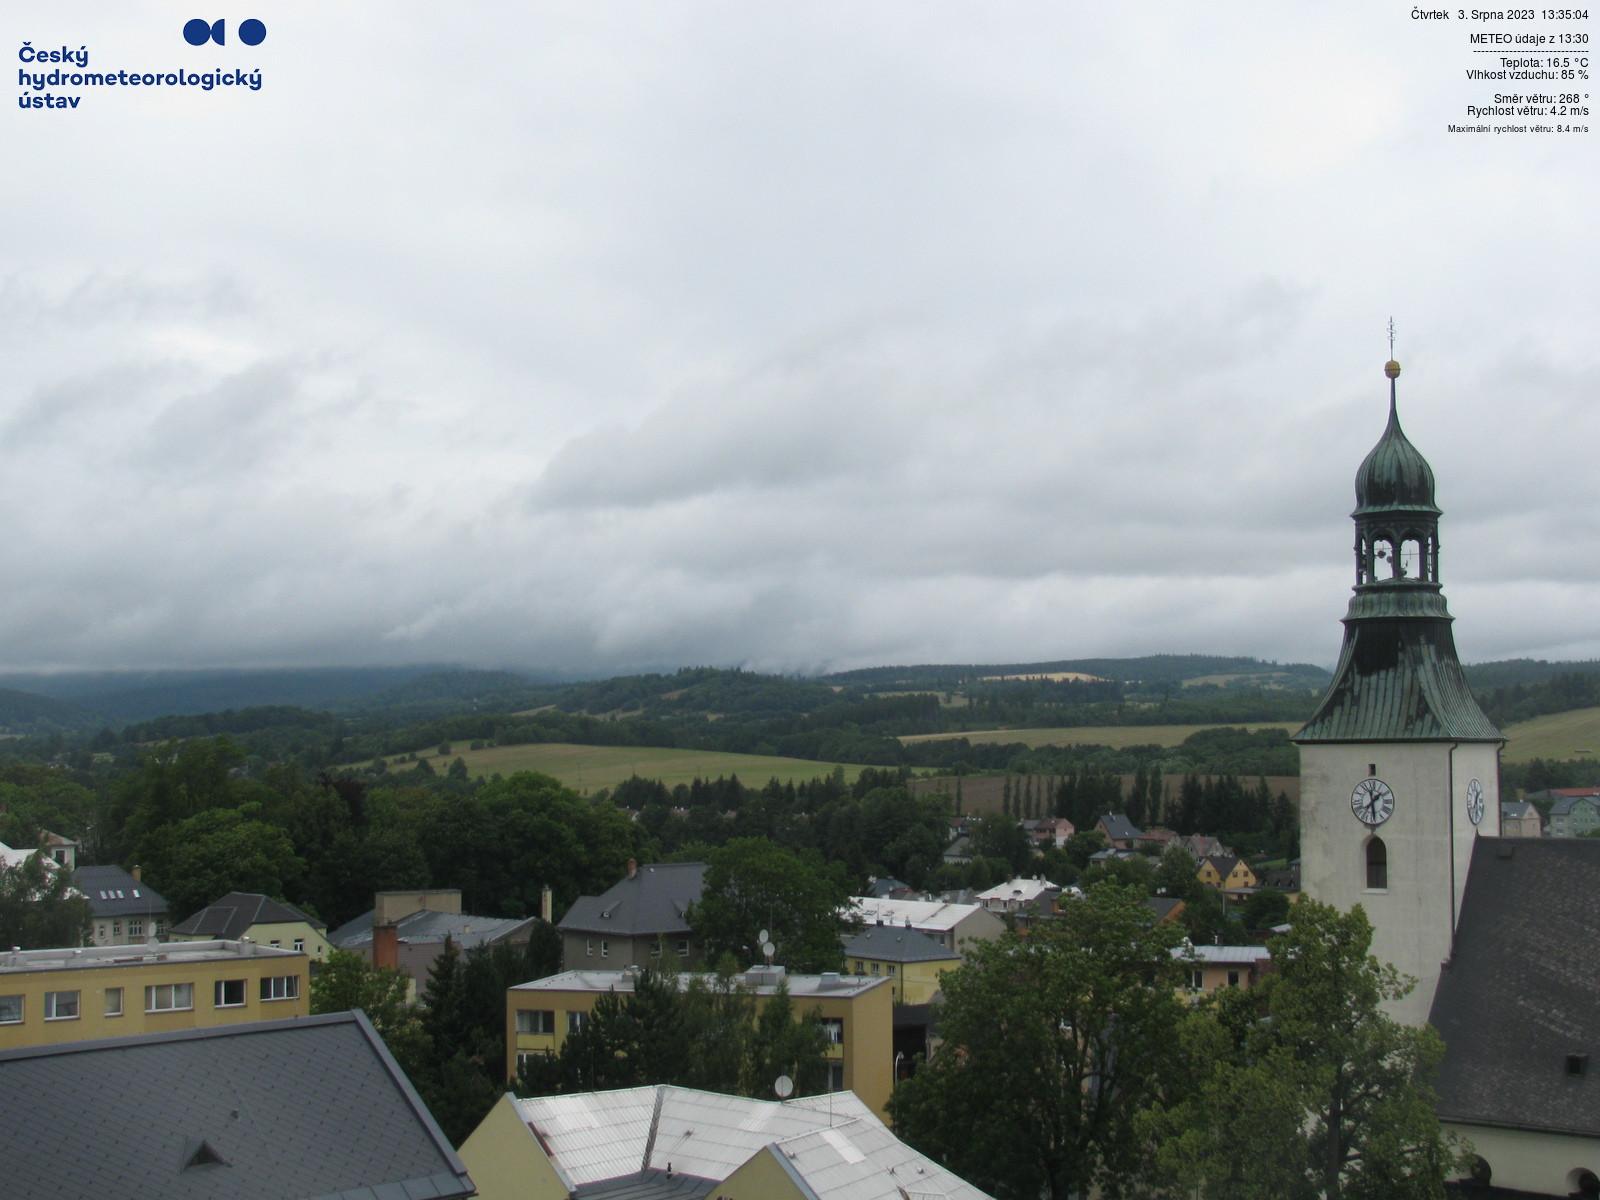 webkamera Rýmařov